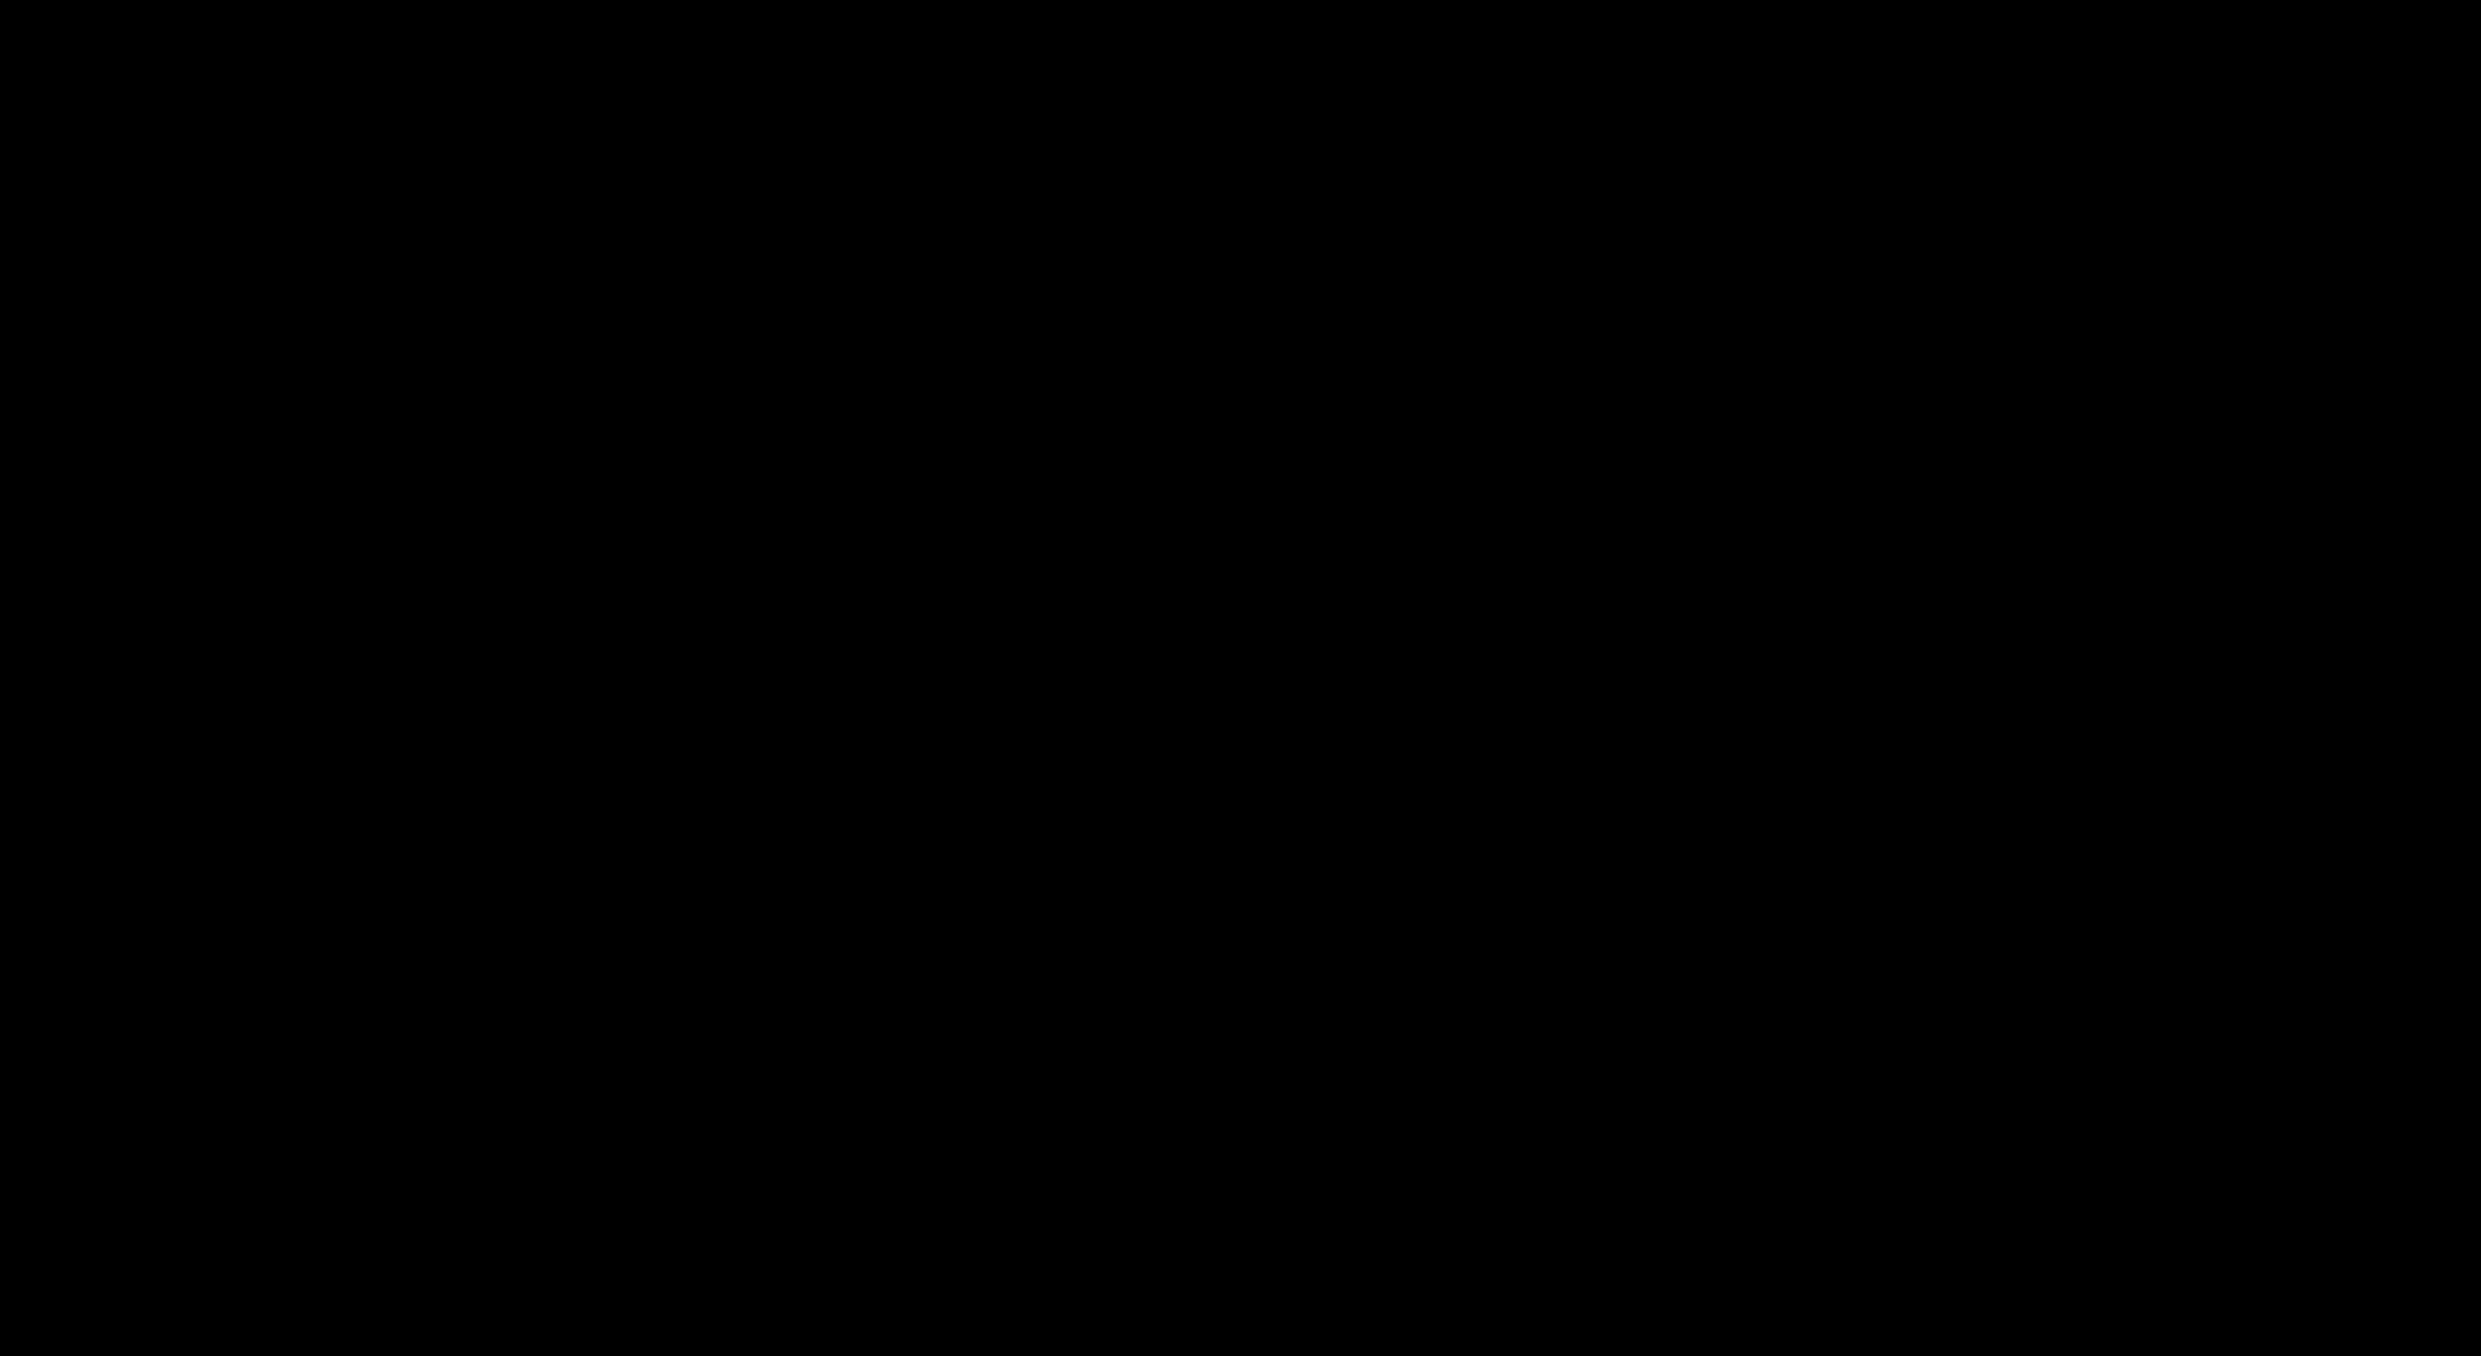 Smart Vision's logo